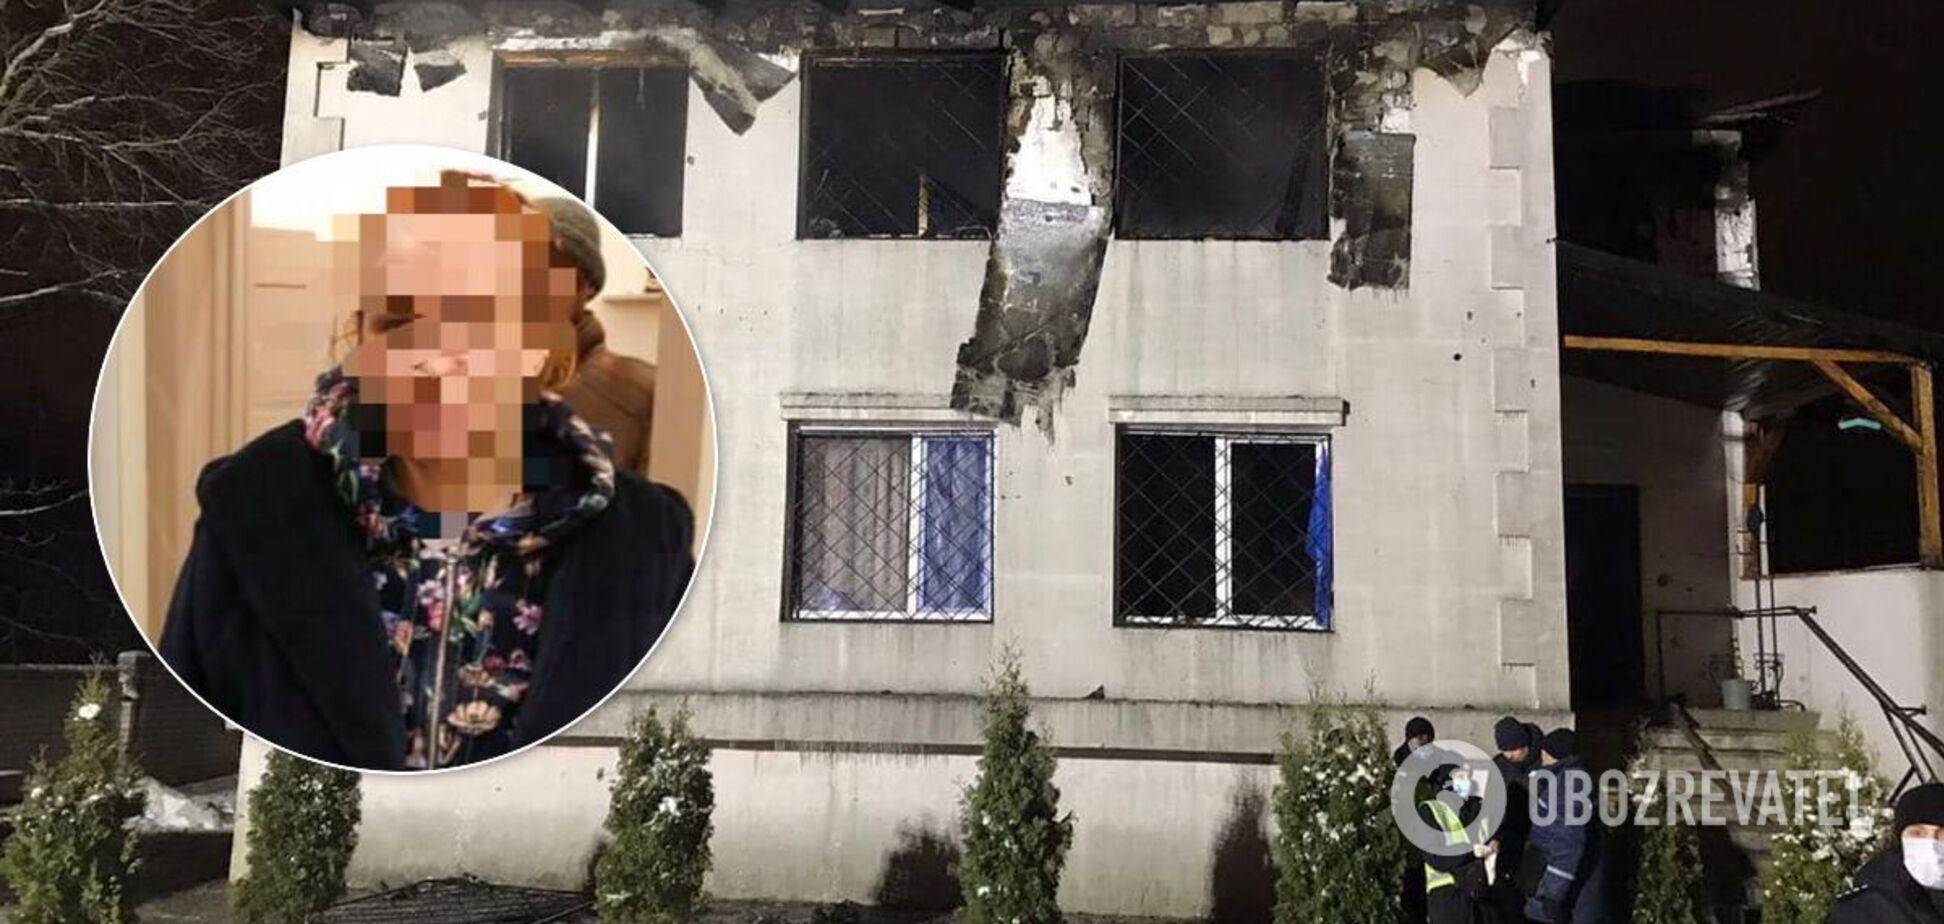 Харьков пожар: сгорел дом престарелых 'Золотое время'